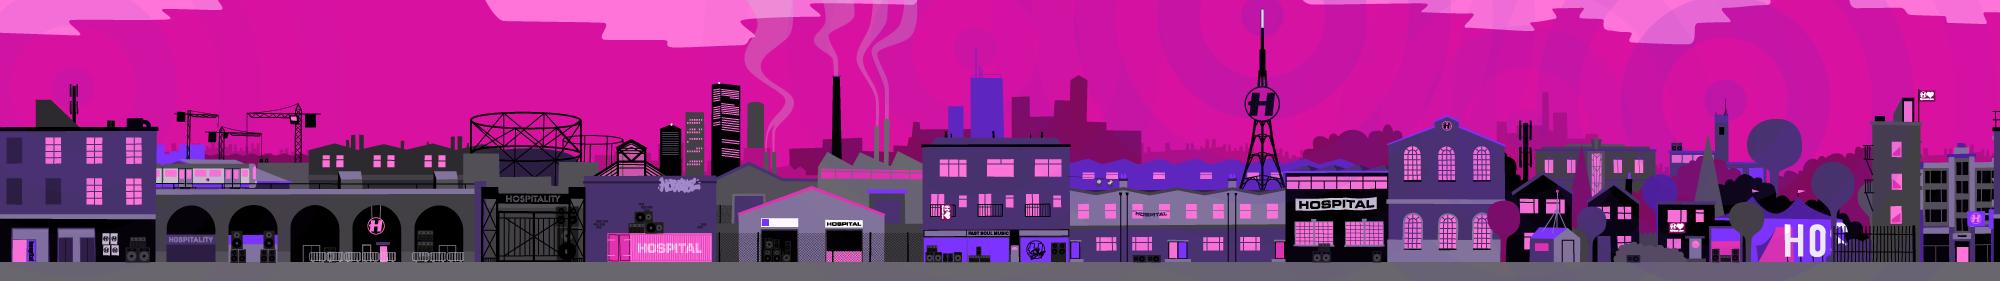 Hospitality Bangers Cityscape